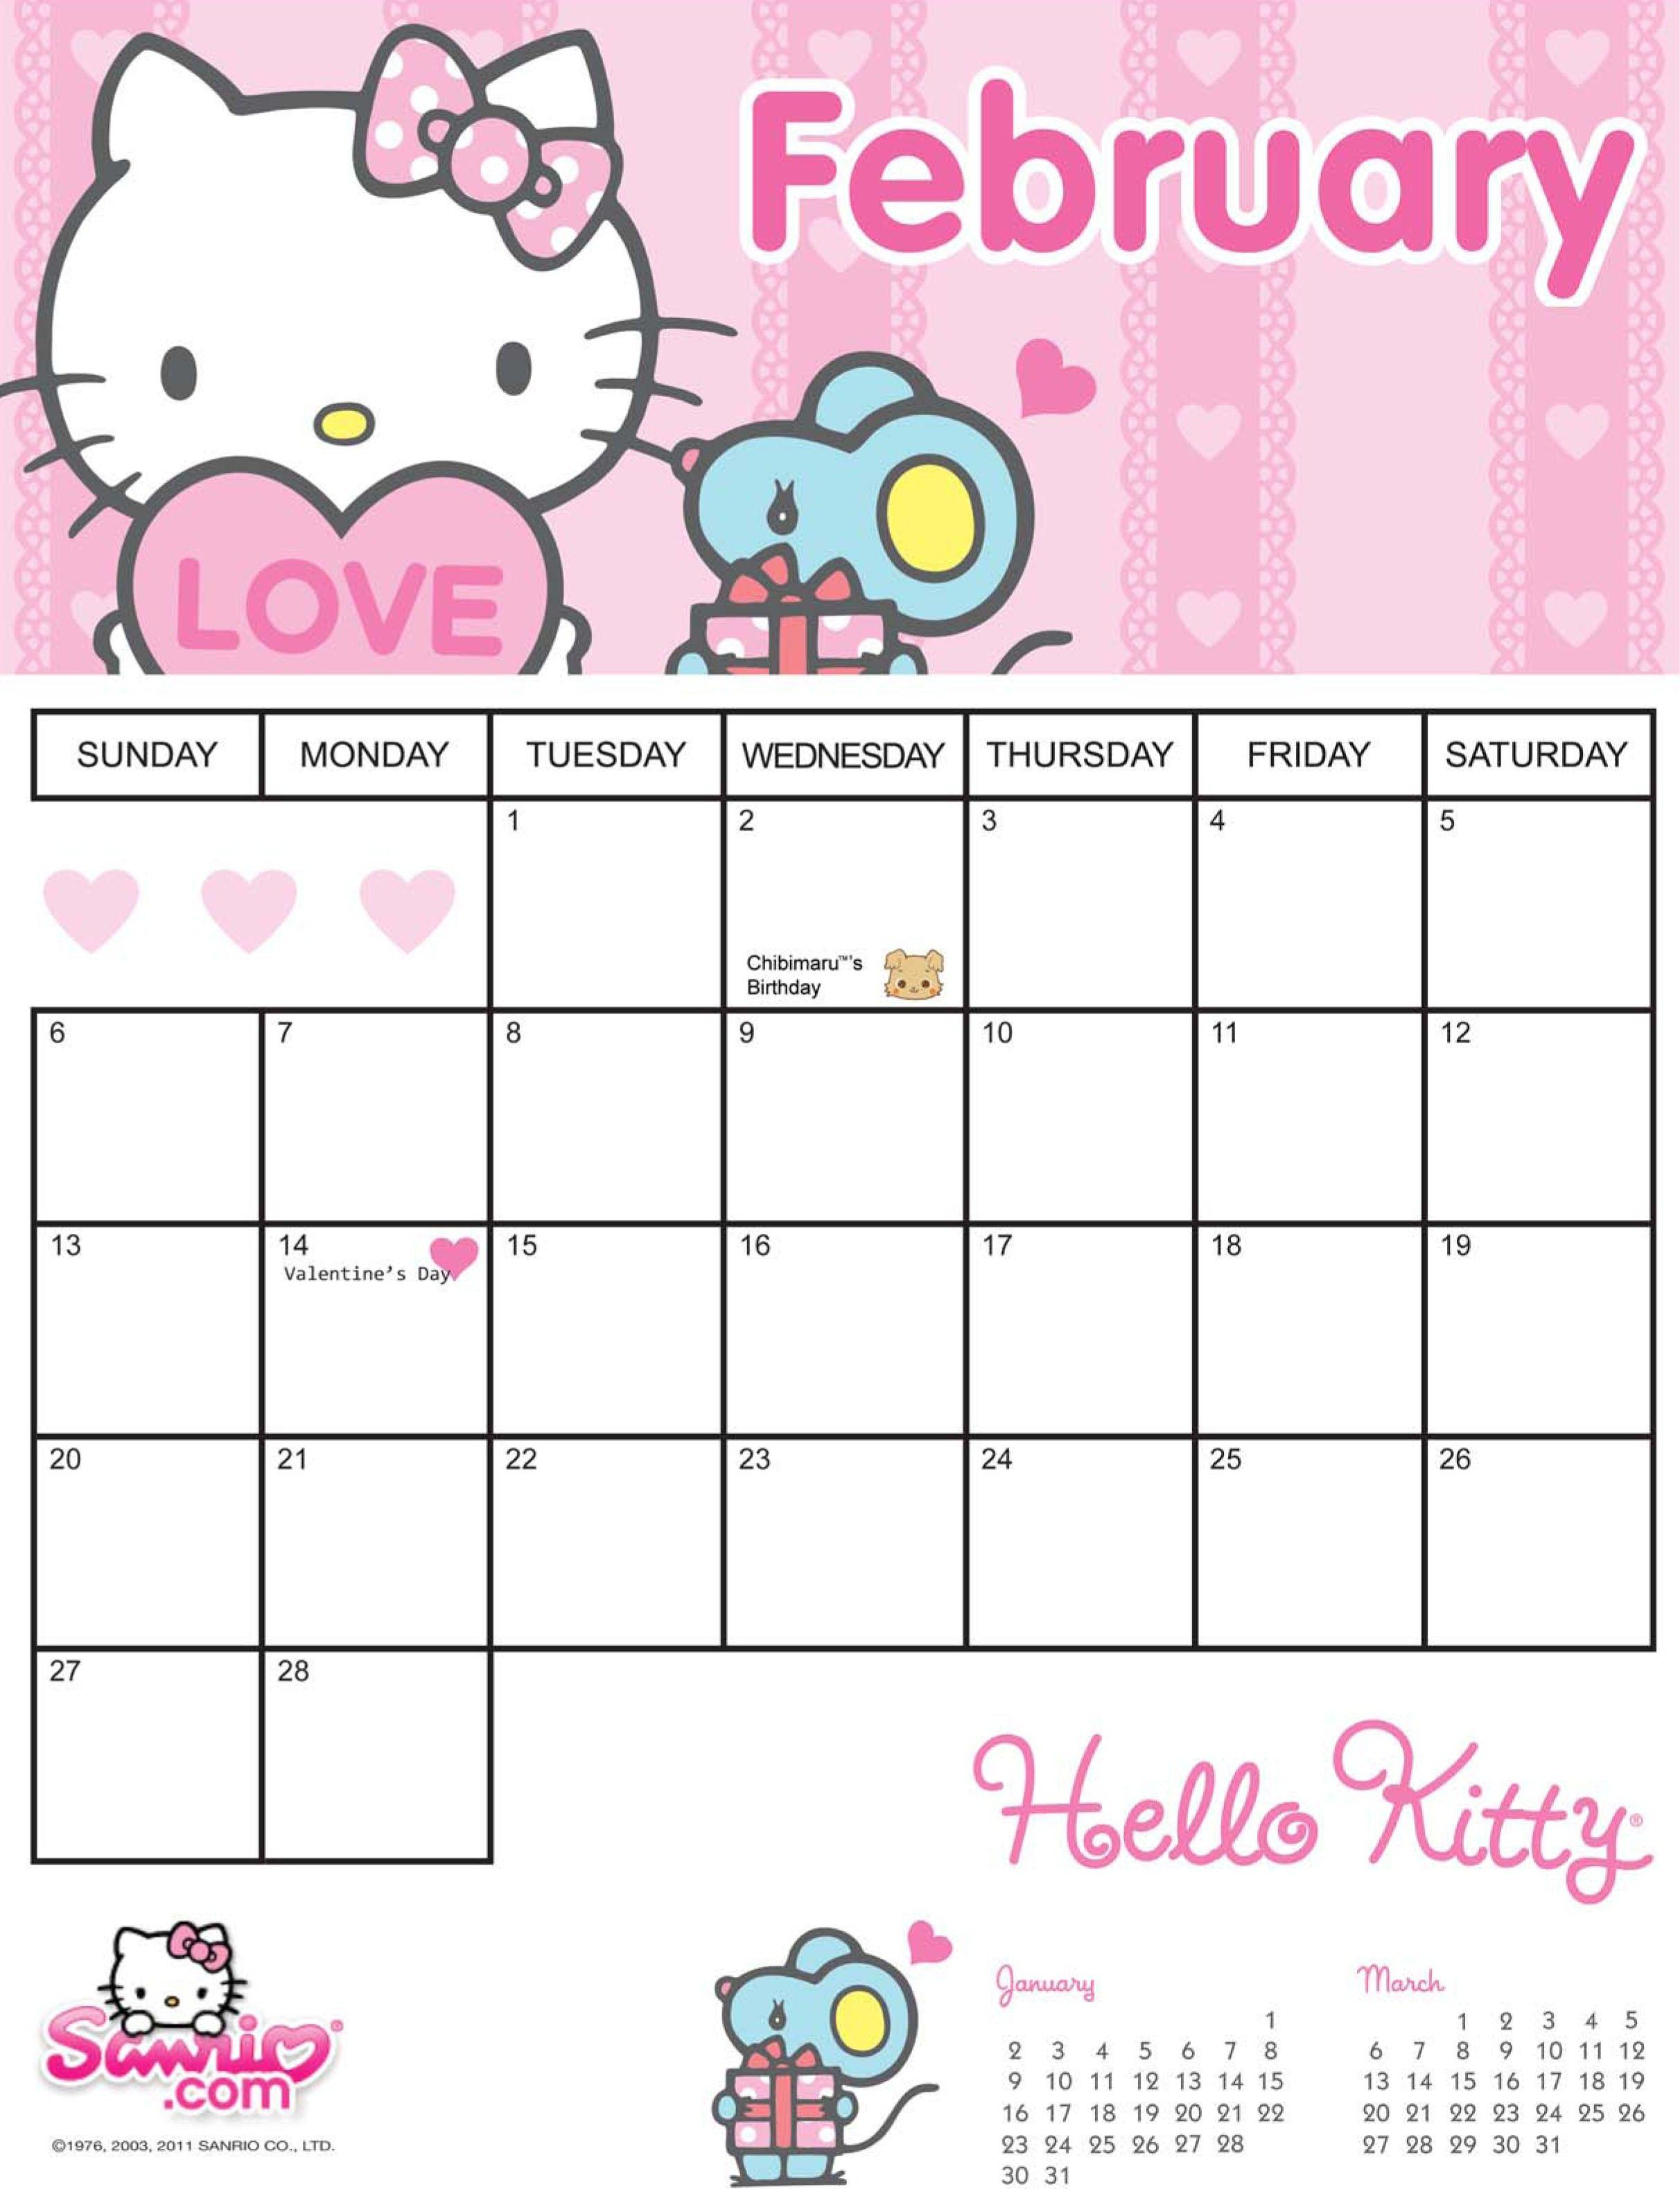 Hello Kitty February 2011 Printable Calendar | August